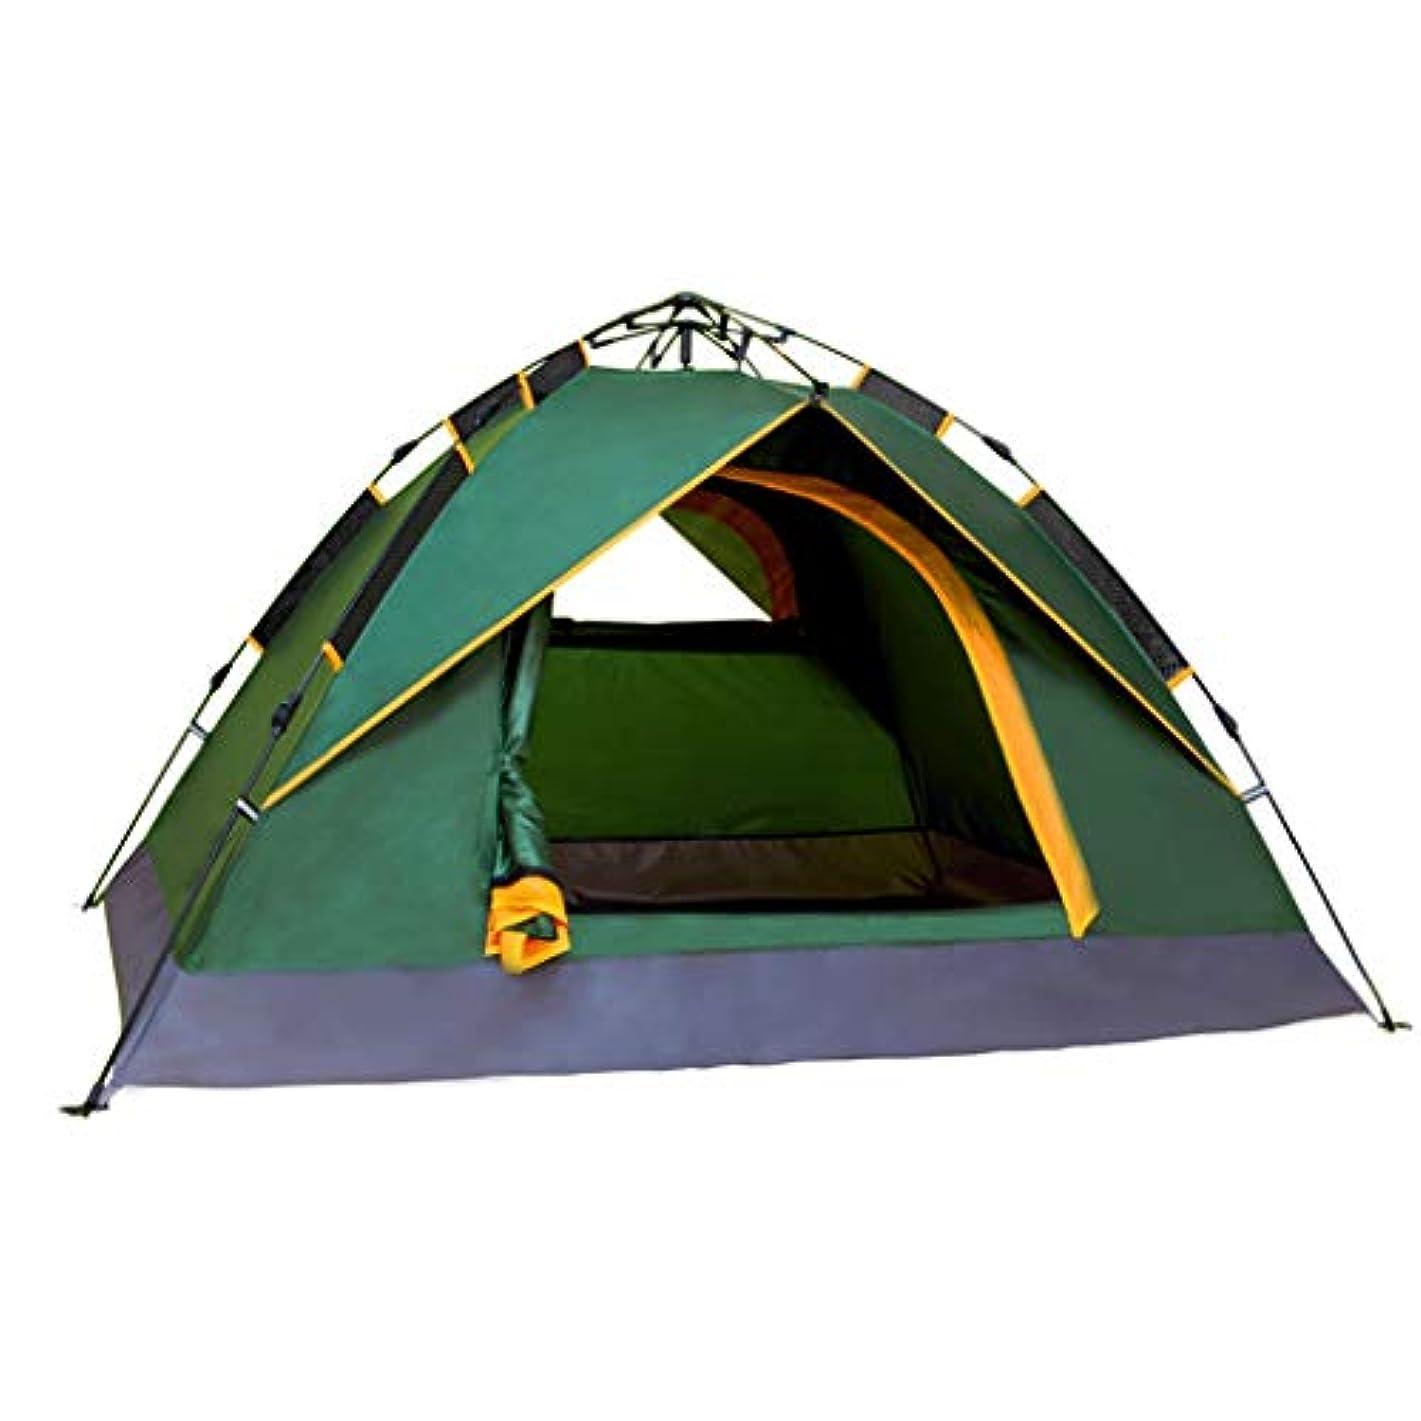 統治する初期気絶させるYONGFEIhun キャンプテント、屋外自動スピードオープンテント、防雨テントは2-3人を収容することができます